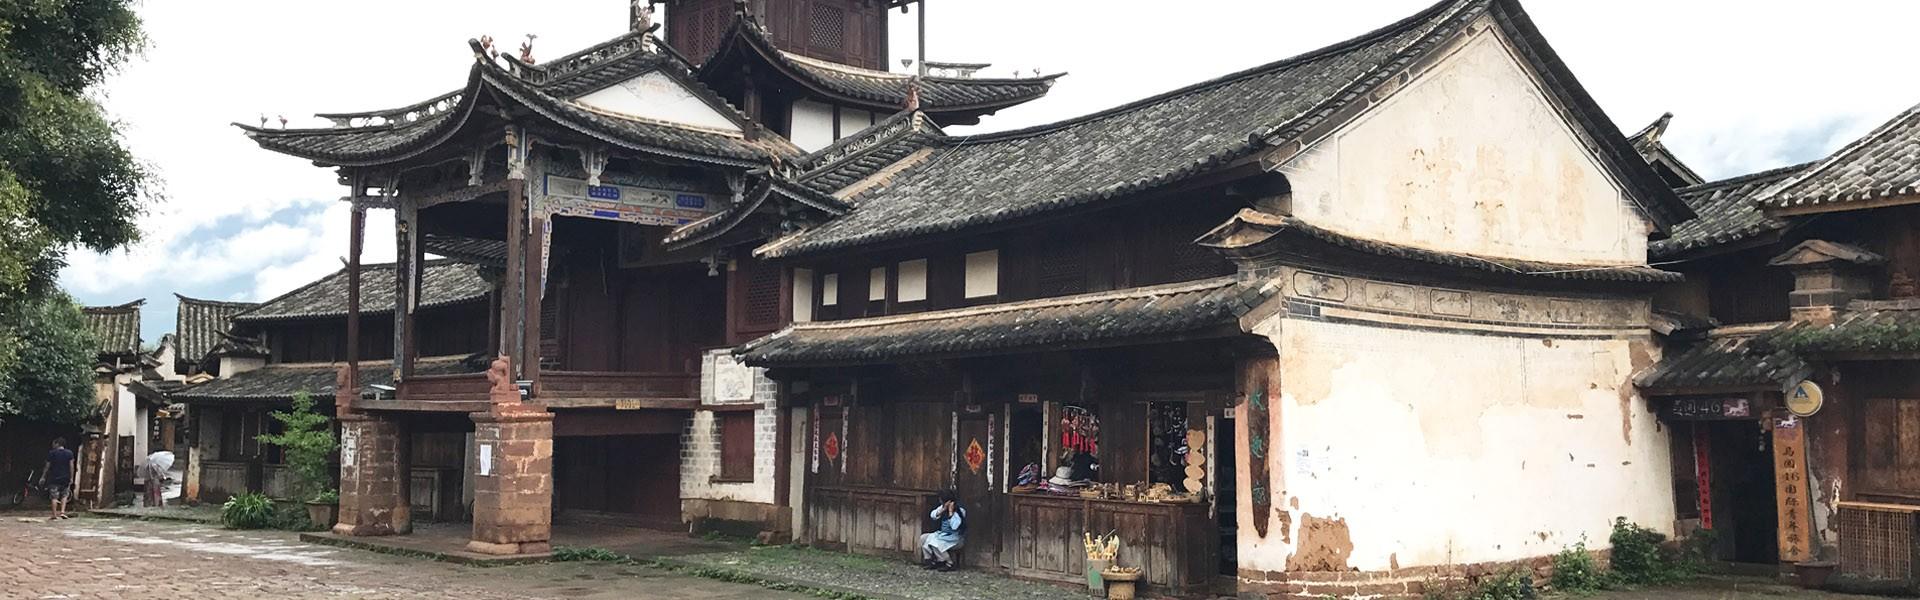 Shaxi'1920x600'2